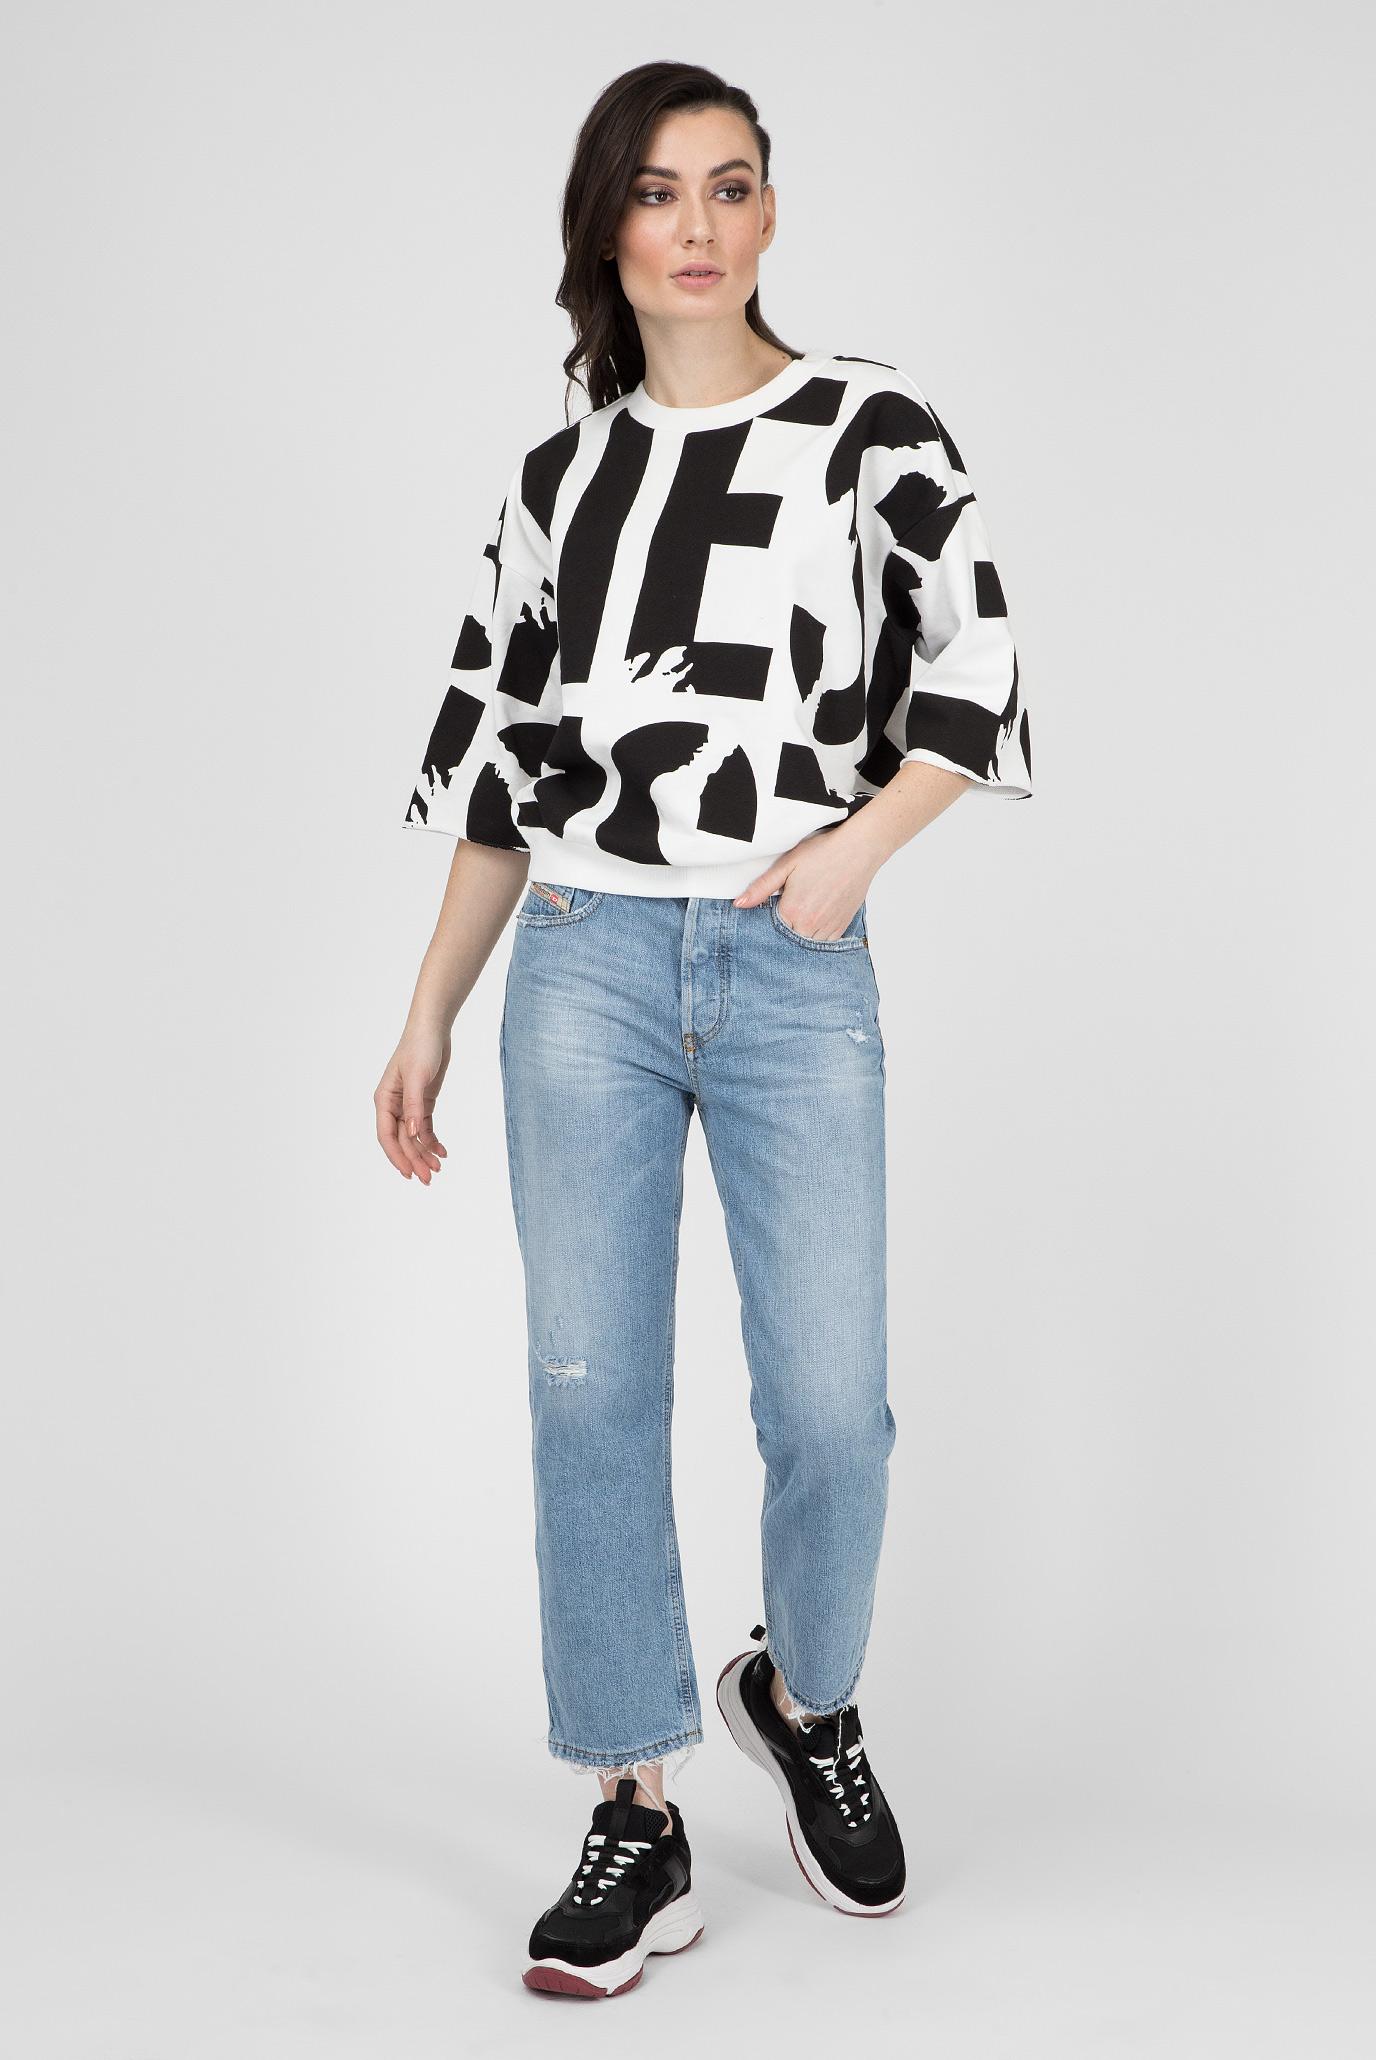 Купить Женские голубые джинсы ARYEL Diesel Diesel 00SHG7 080AF – Киев, Украина. Цены в интернет магазине MD Fashion